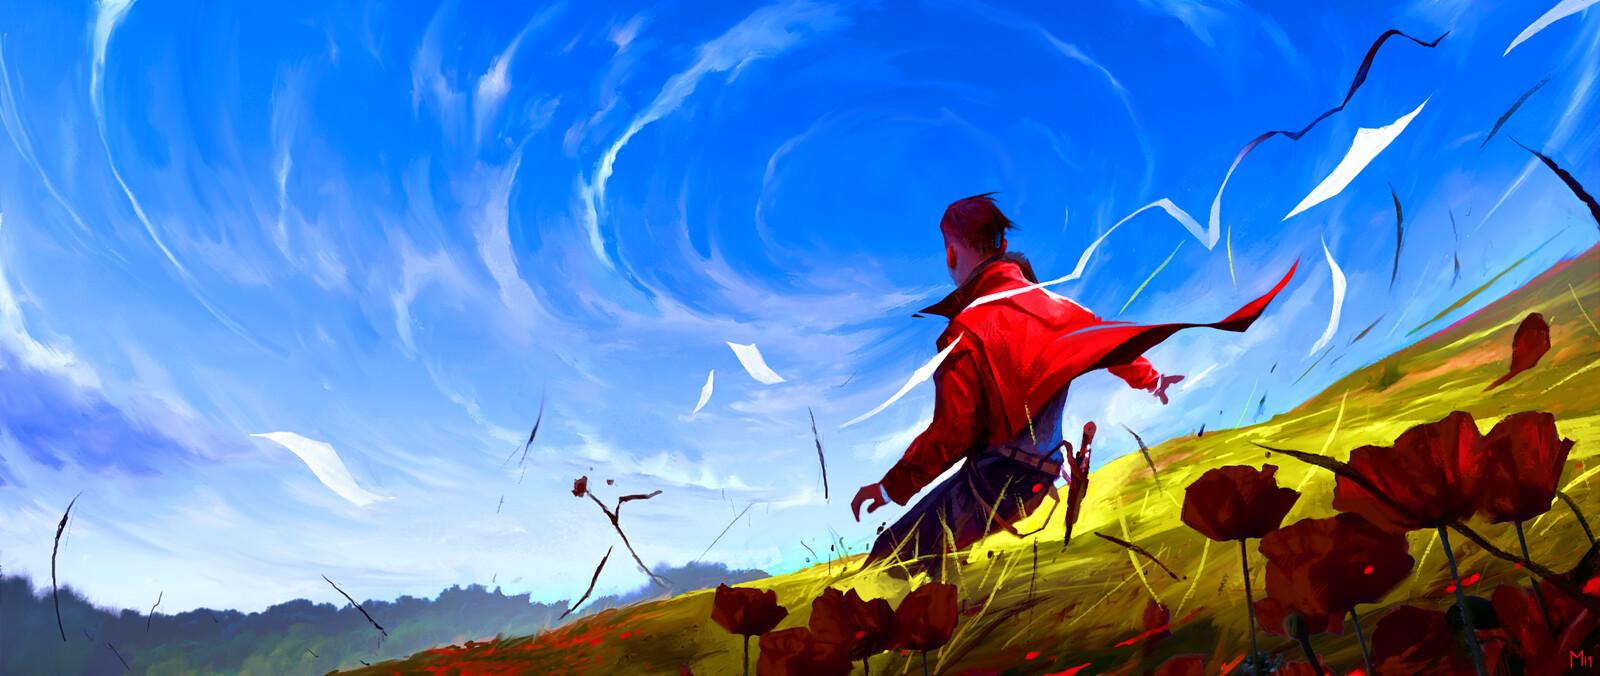 Circling Skies